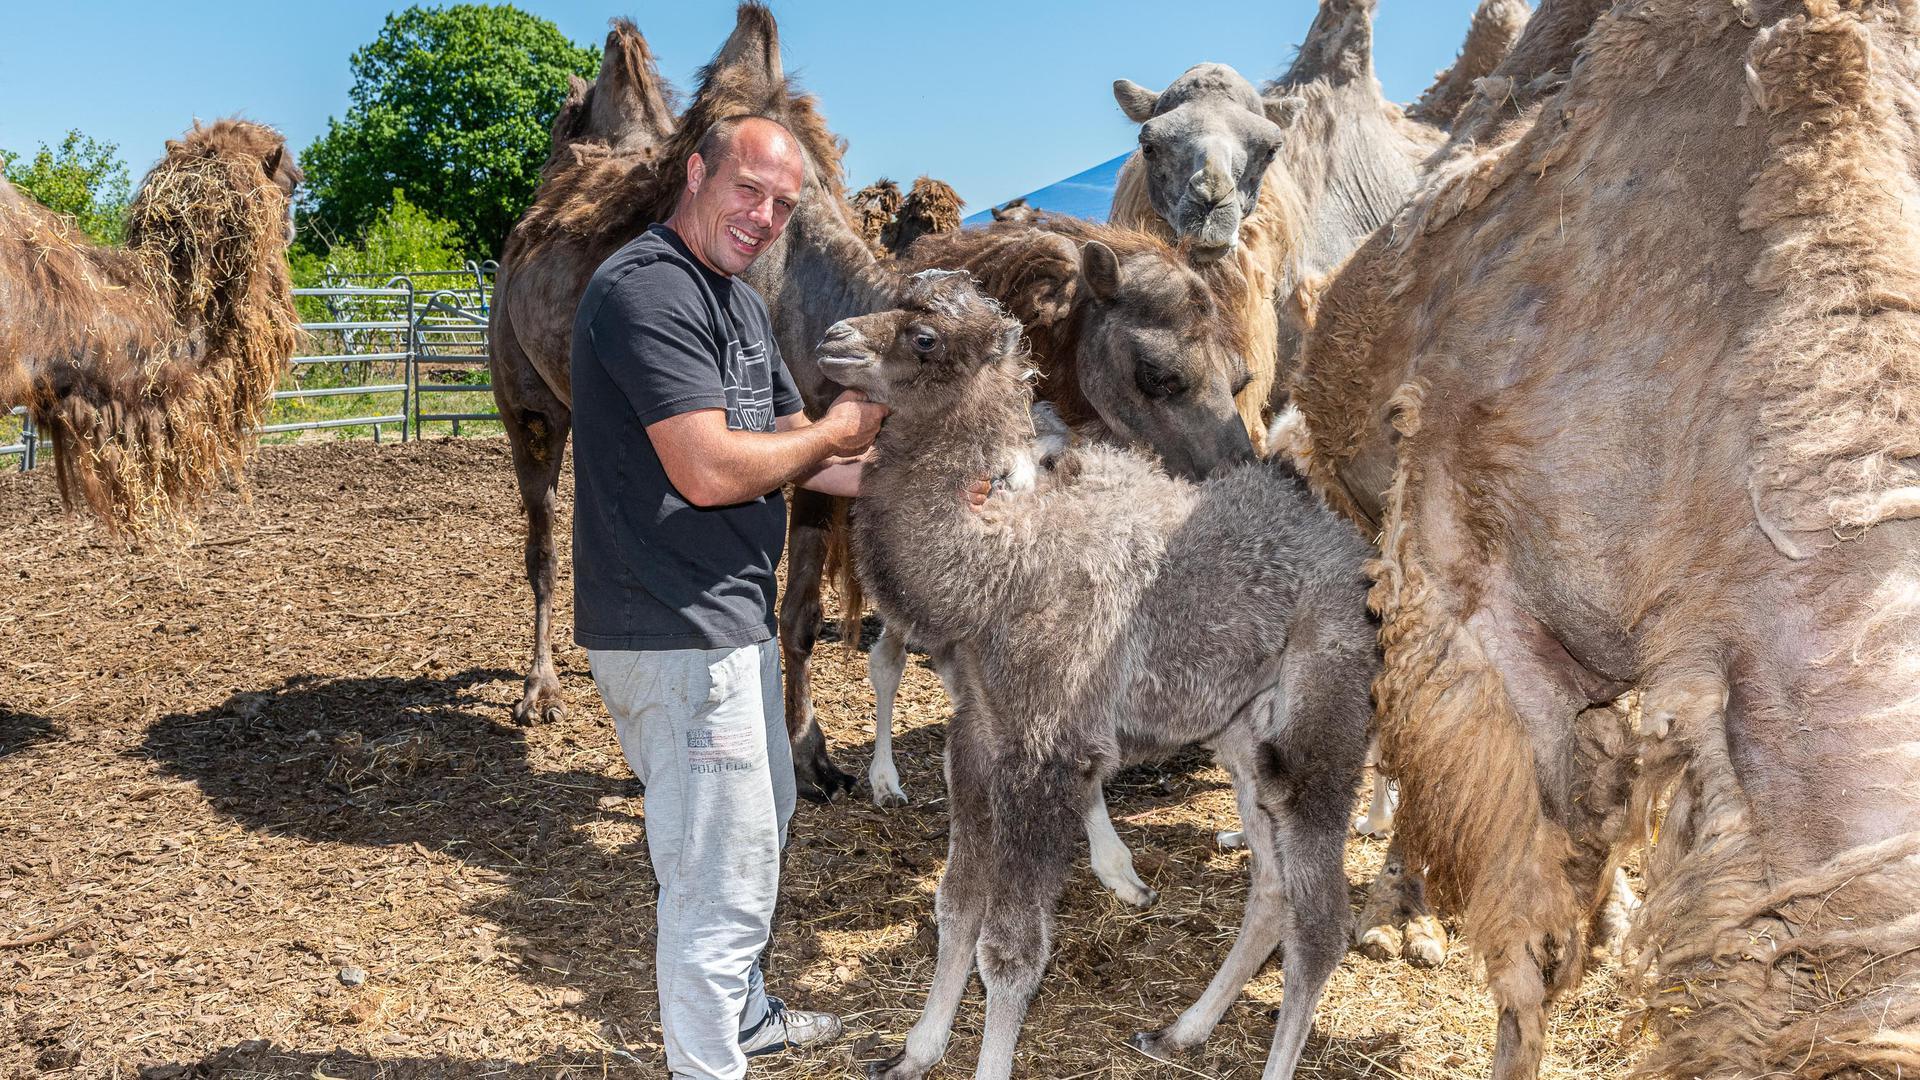 Der ganze Stolz des Familienunternehmens Bely ist der Nachwuchs bei den Sibirischen Kamelen. Der Zirkus bietet jetzt Tierbesichtigungen an.